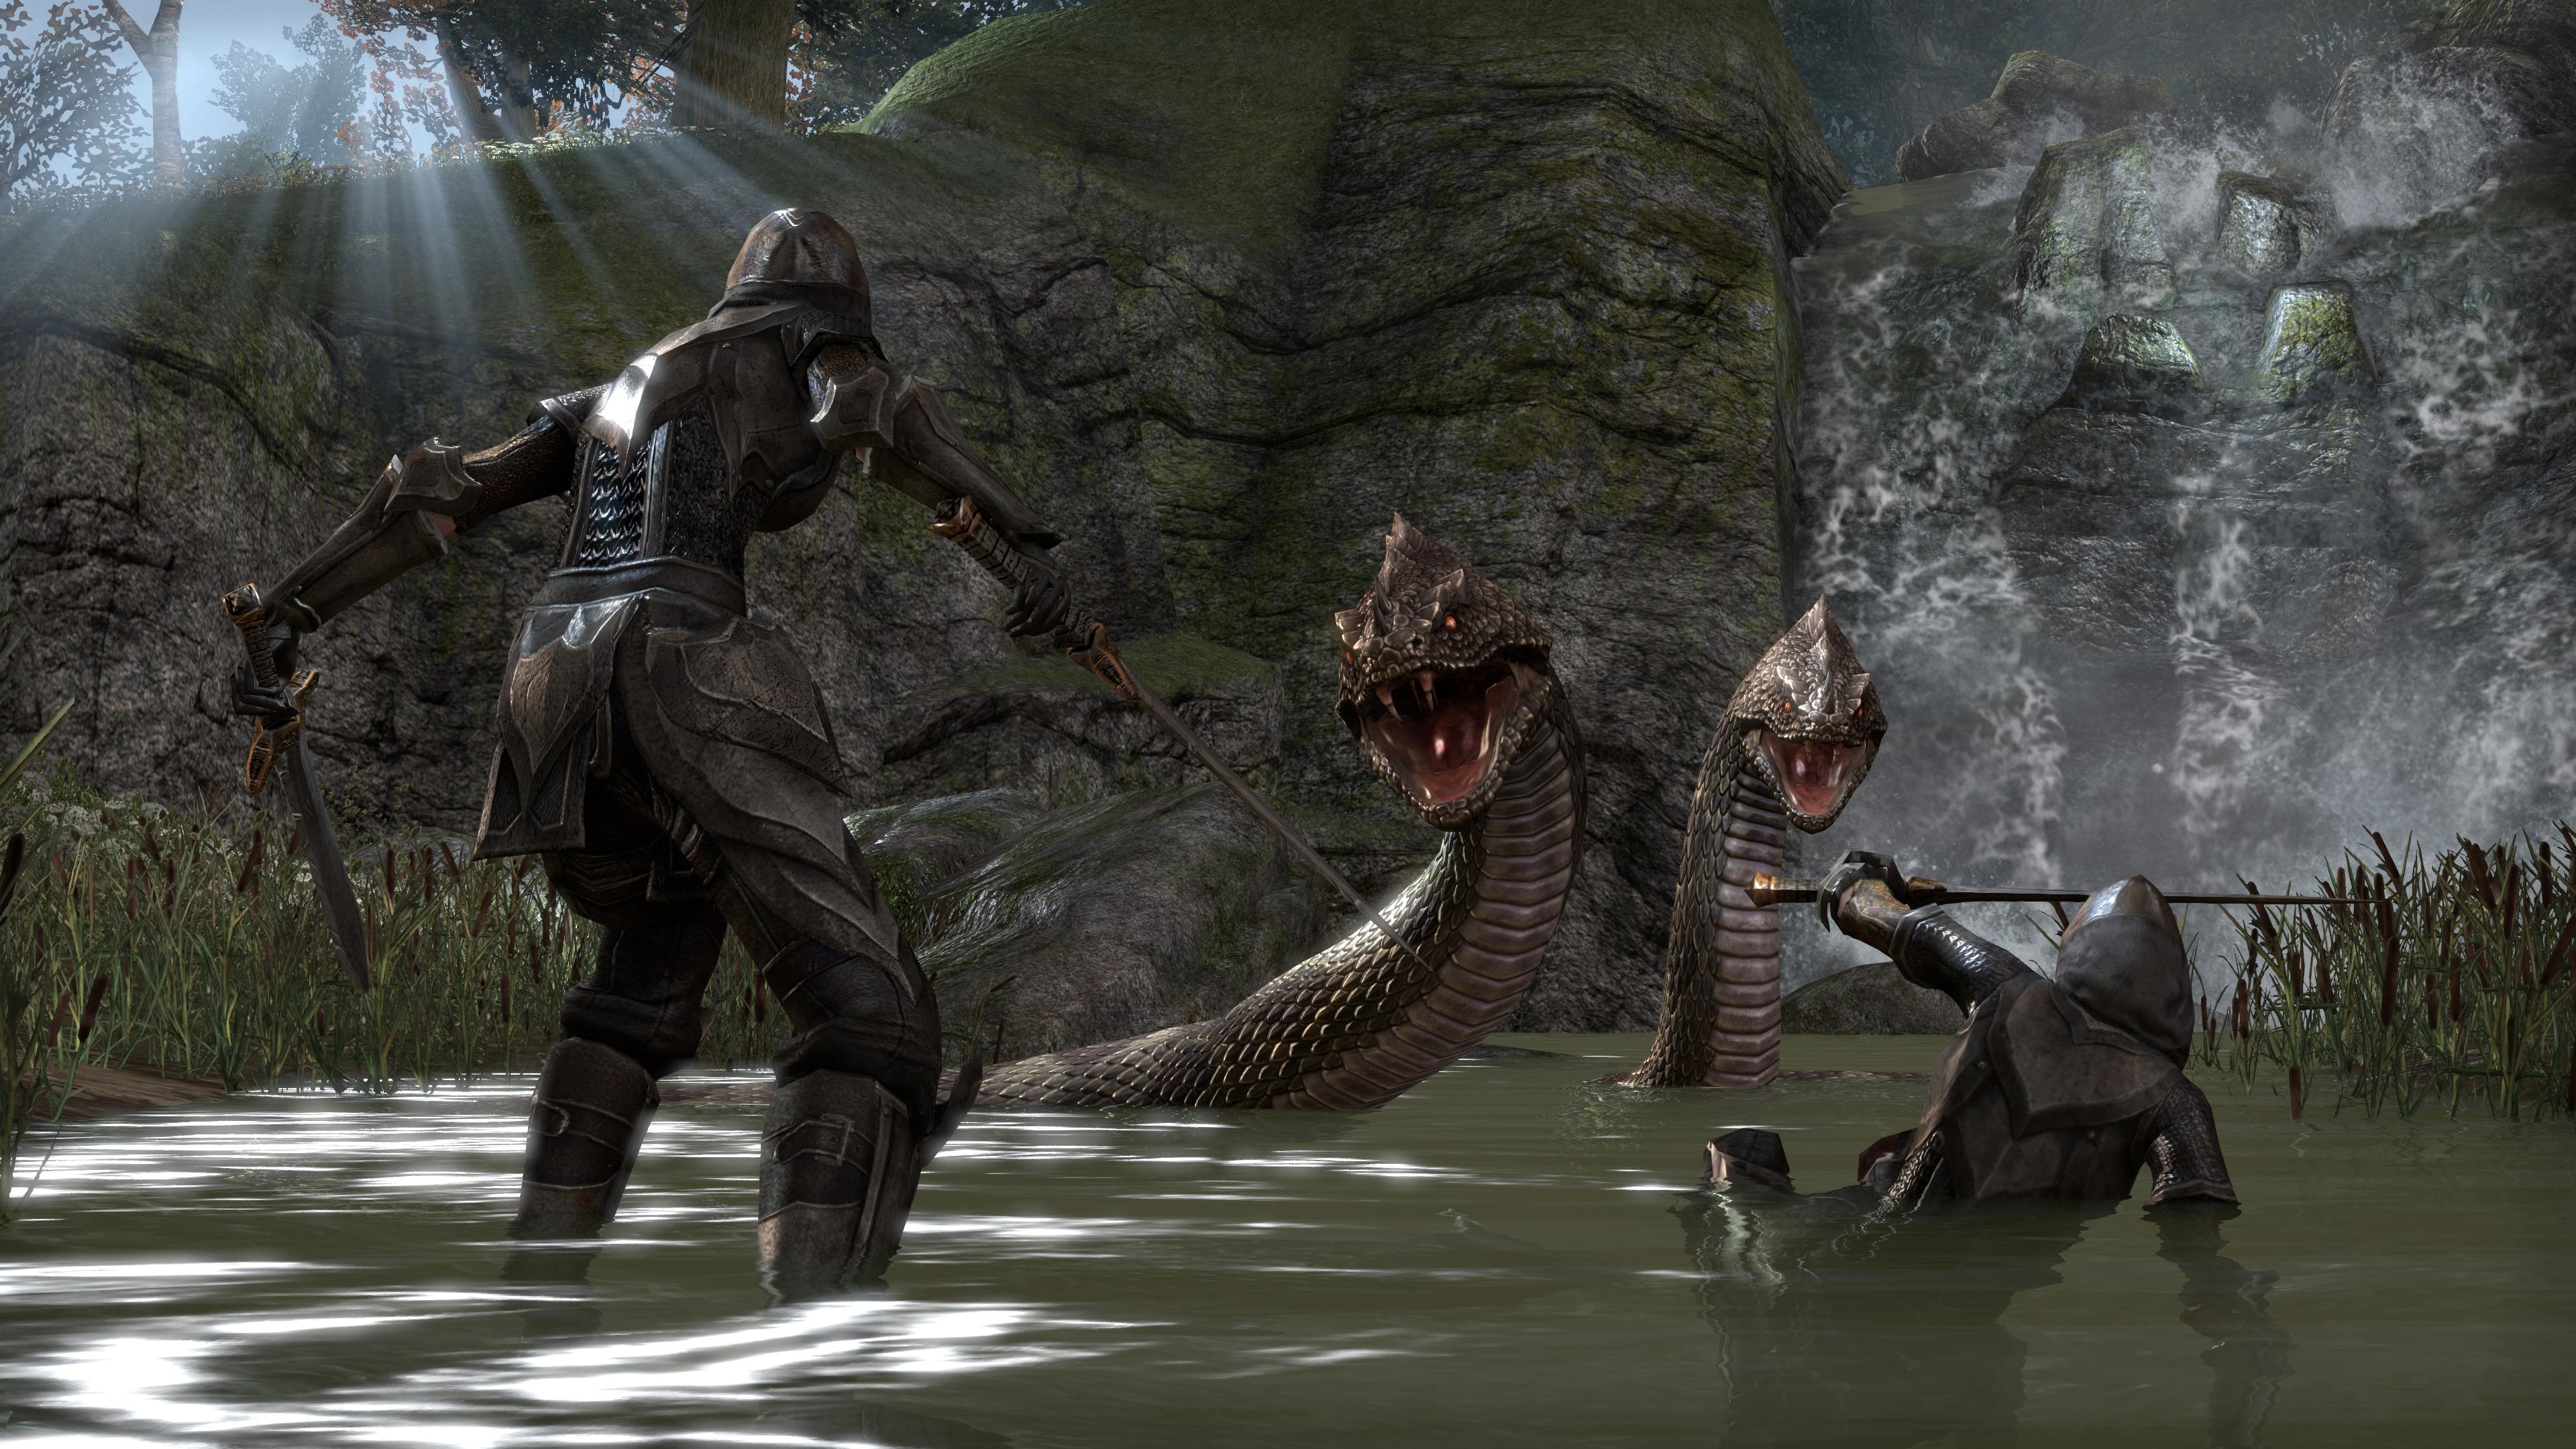 lh_elder_scrolls_online_e3_Giant_Snakes